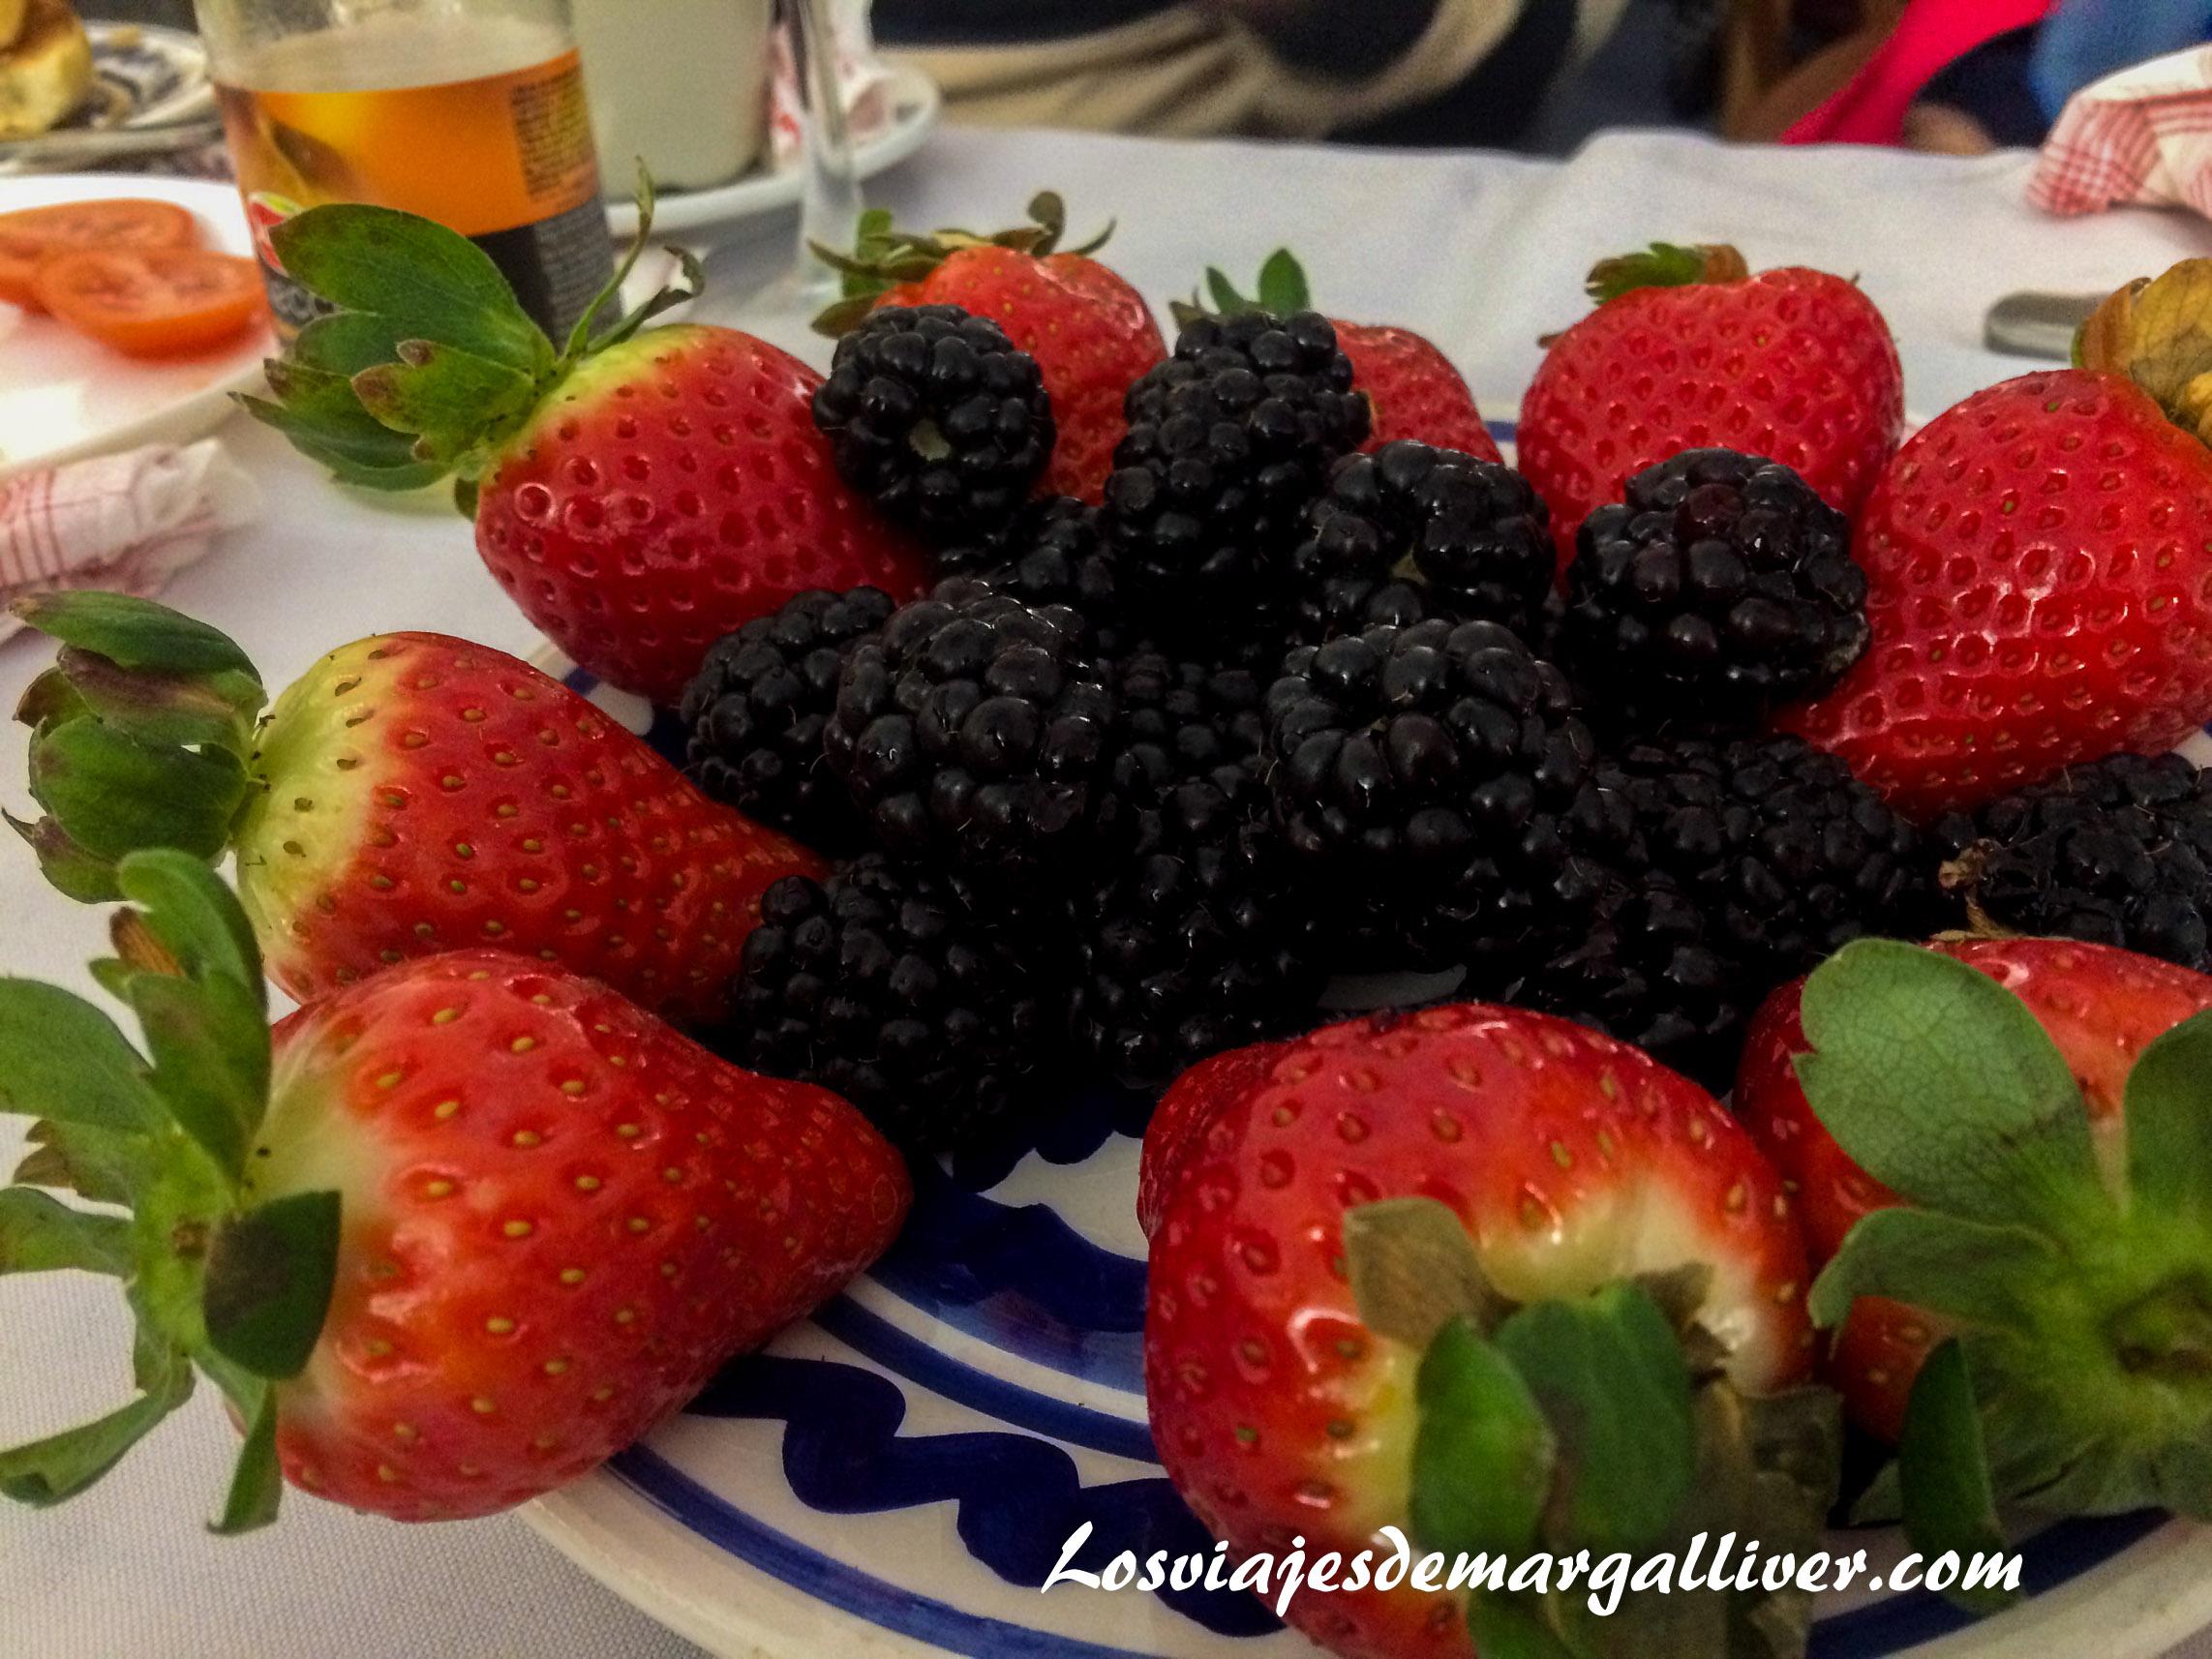 desayuno con frutos rojos del condado de Huelva - Los viajes de Margalliver